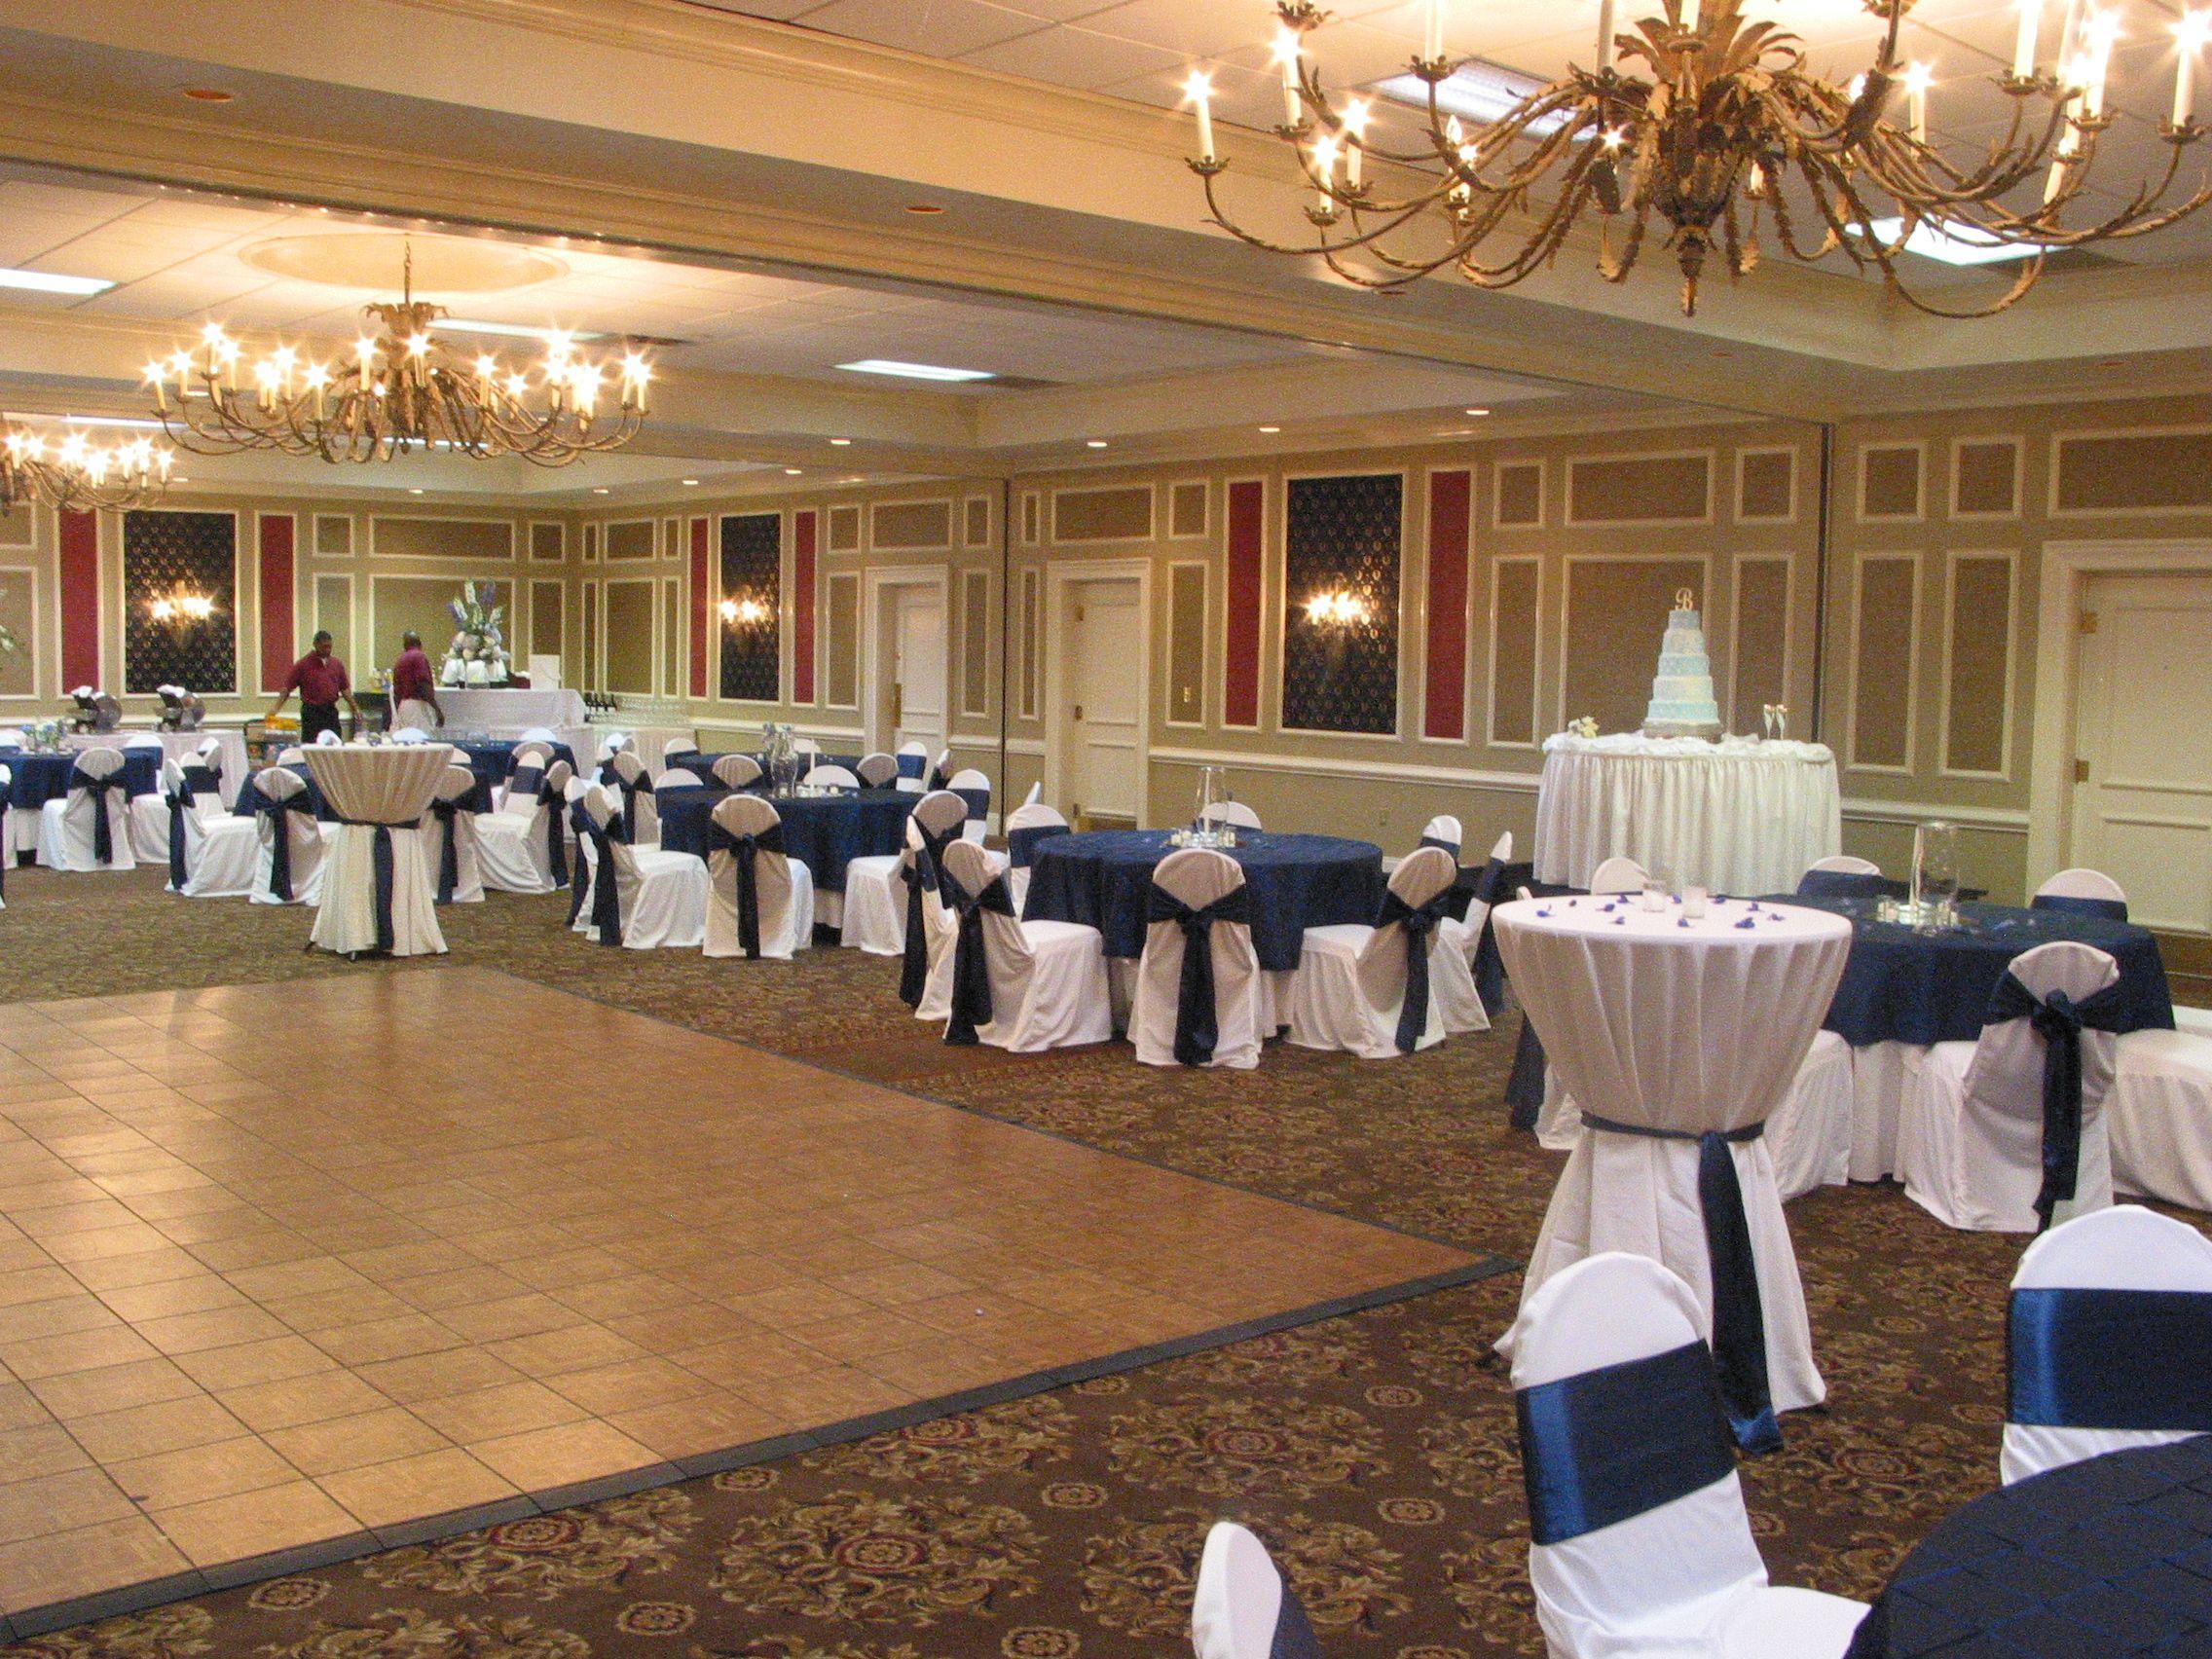 The Clarion Columbia Sc Wedding Reception Venues Vintage Bakery Reception Venues